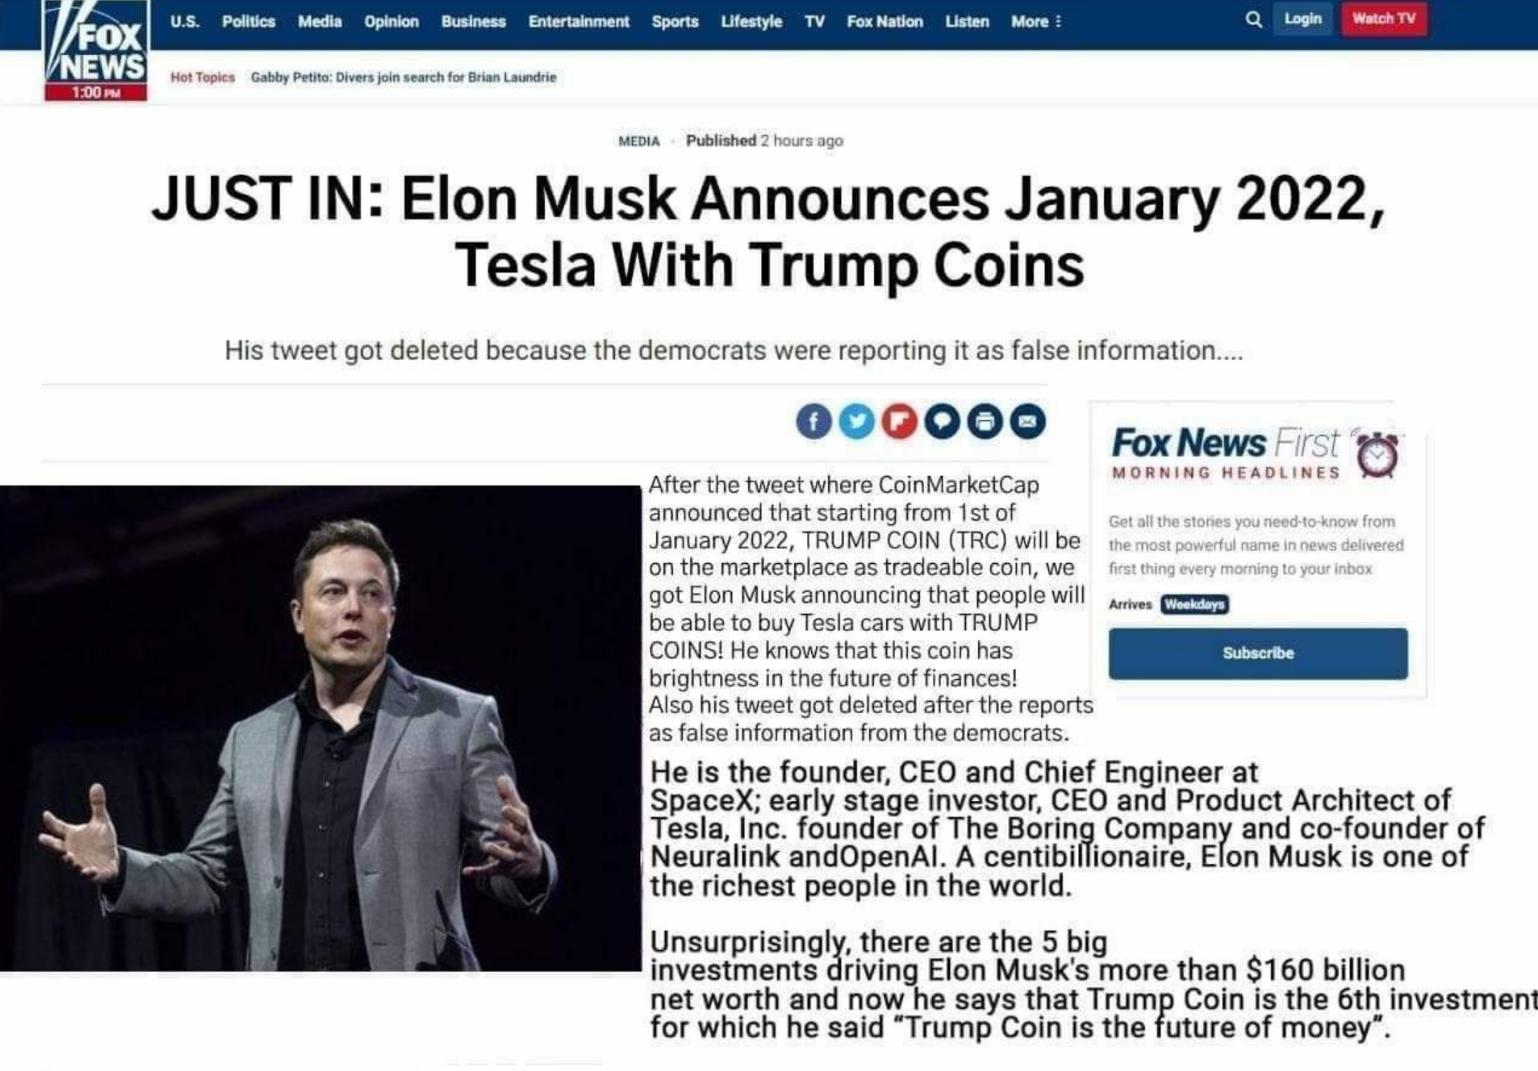 Elon Musk parle d'accepter la monnaie de Trump!